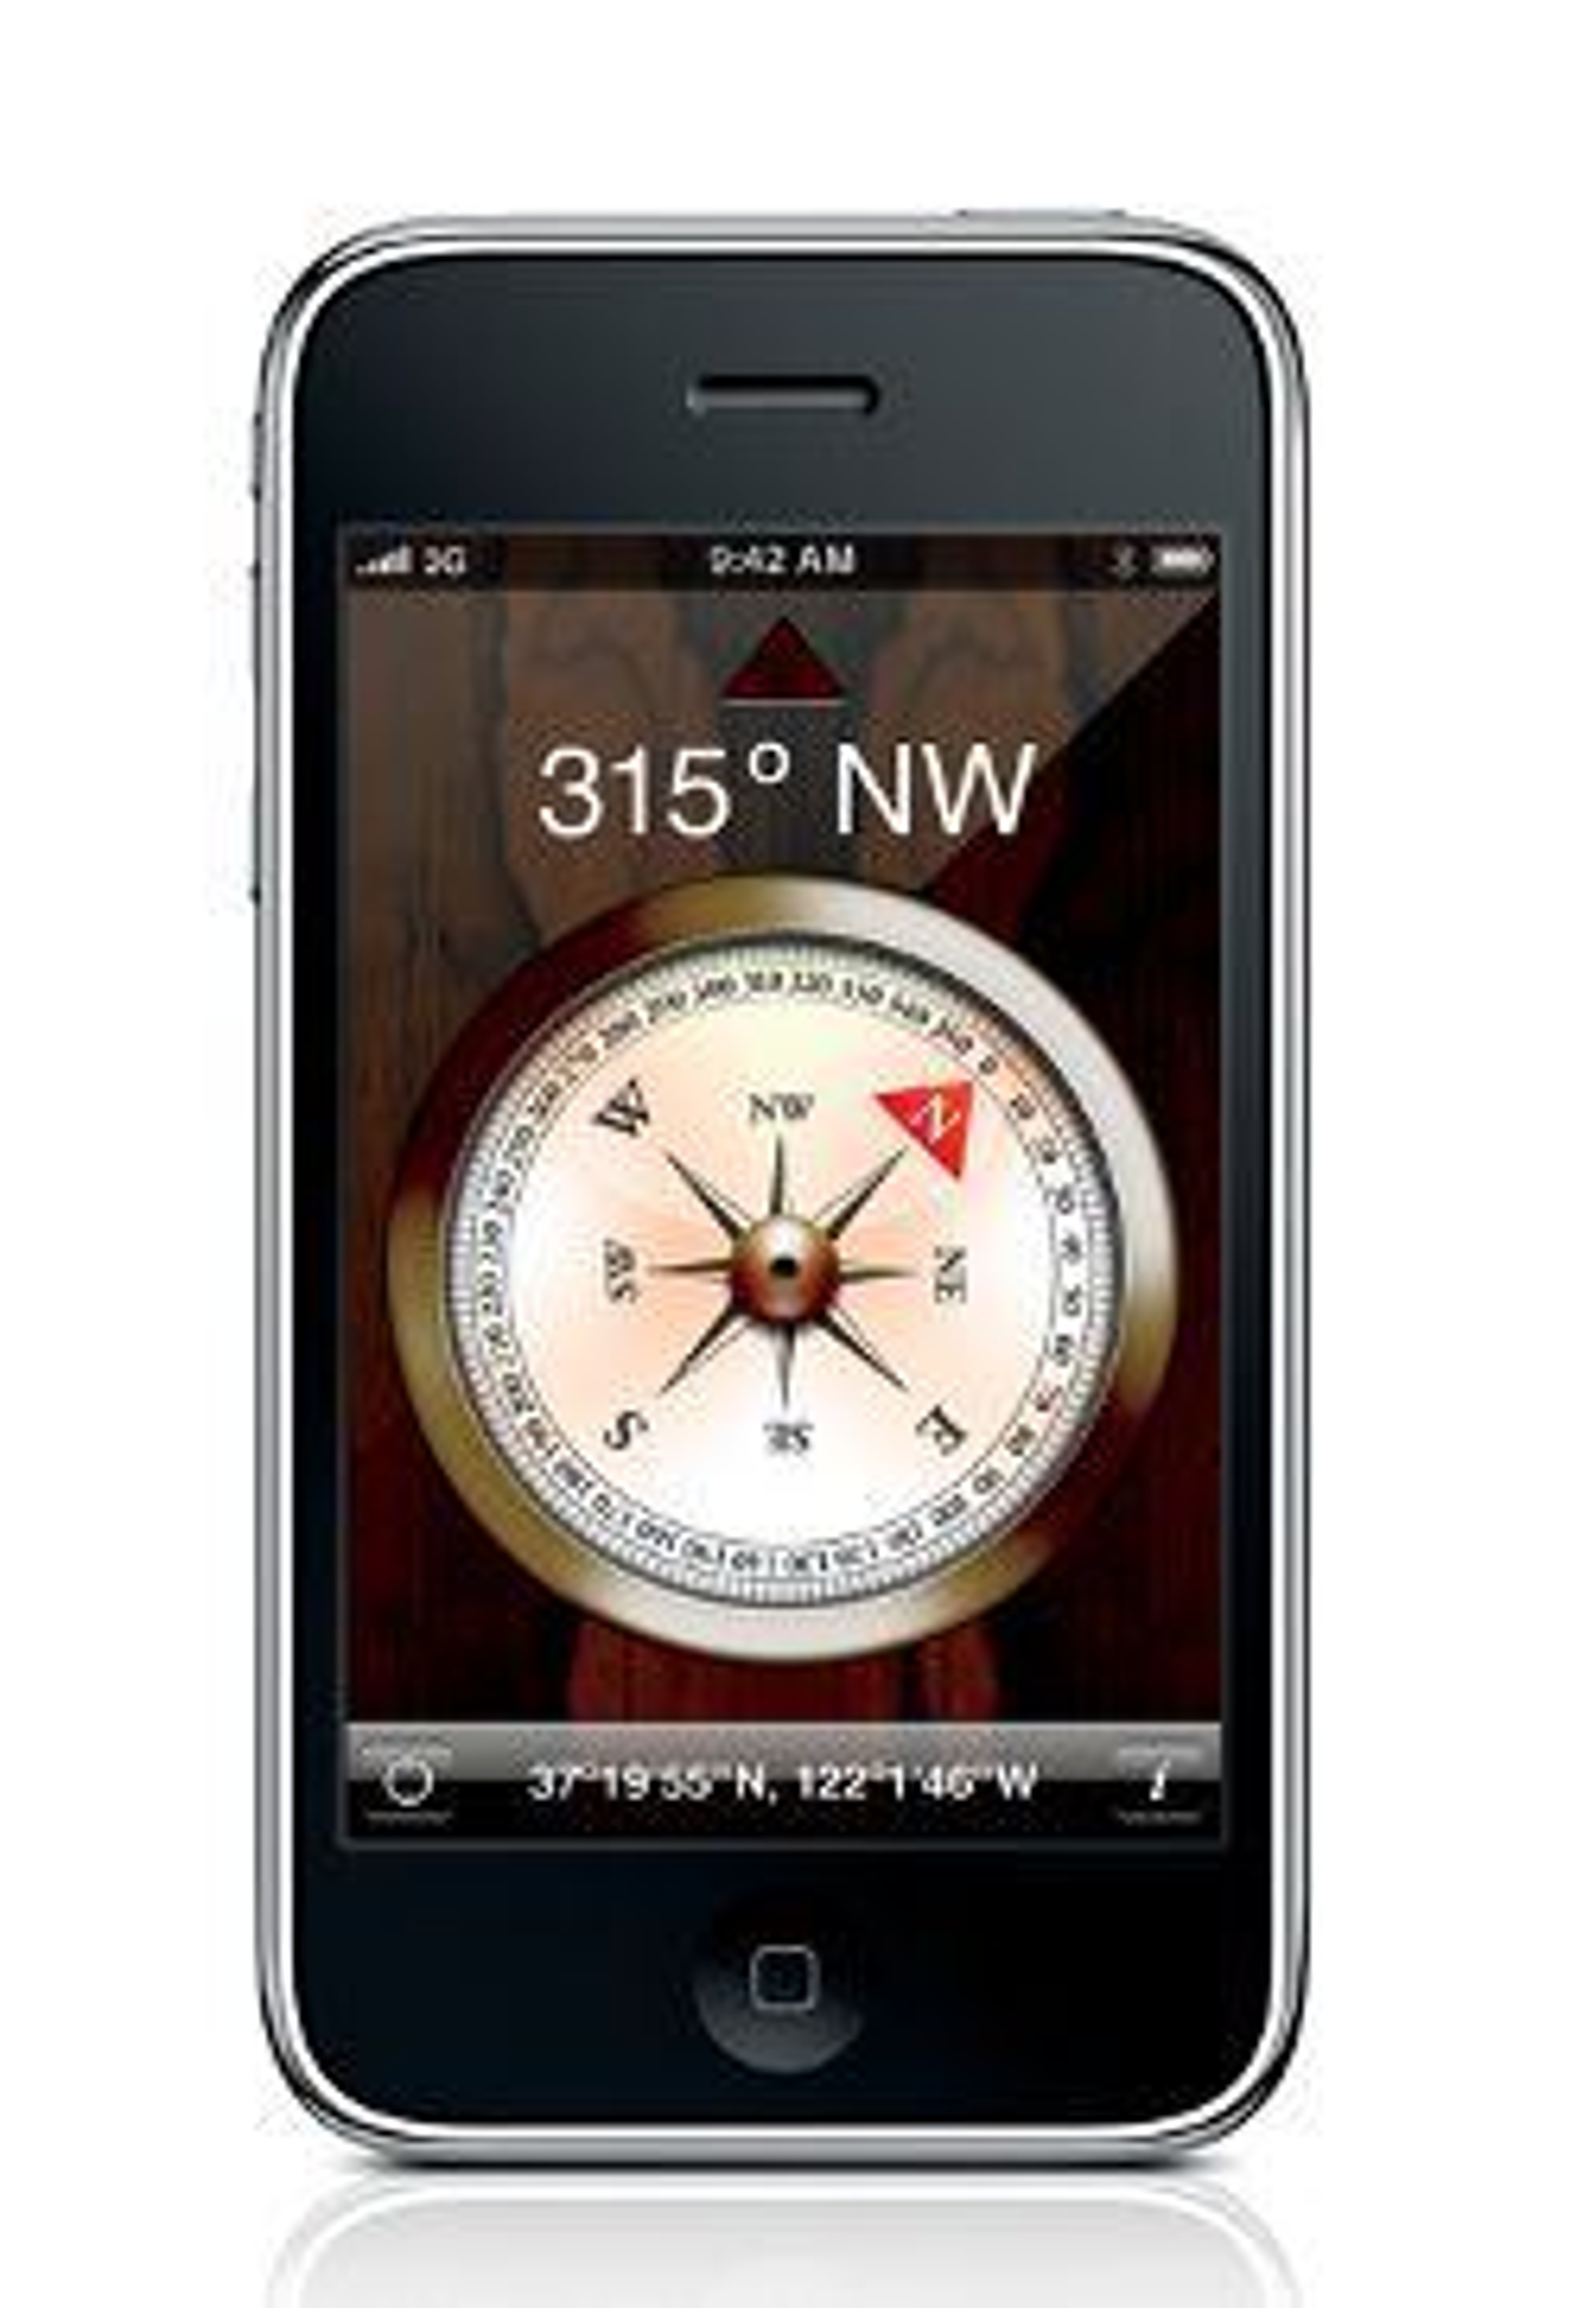 Iphone tok verden med storm, og etterhvert fikk den også GPS, kompass og raskere hastigheter i mobilnettet.